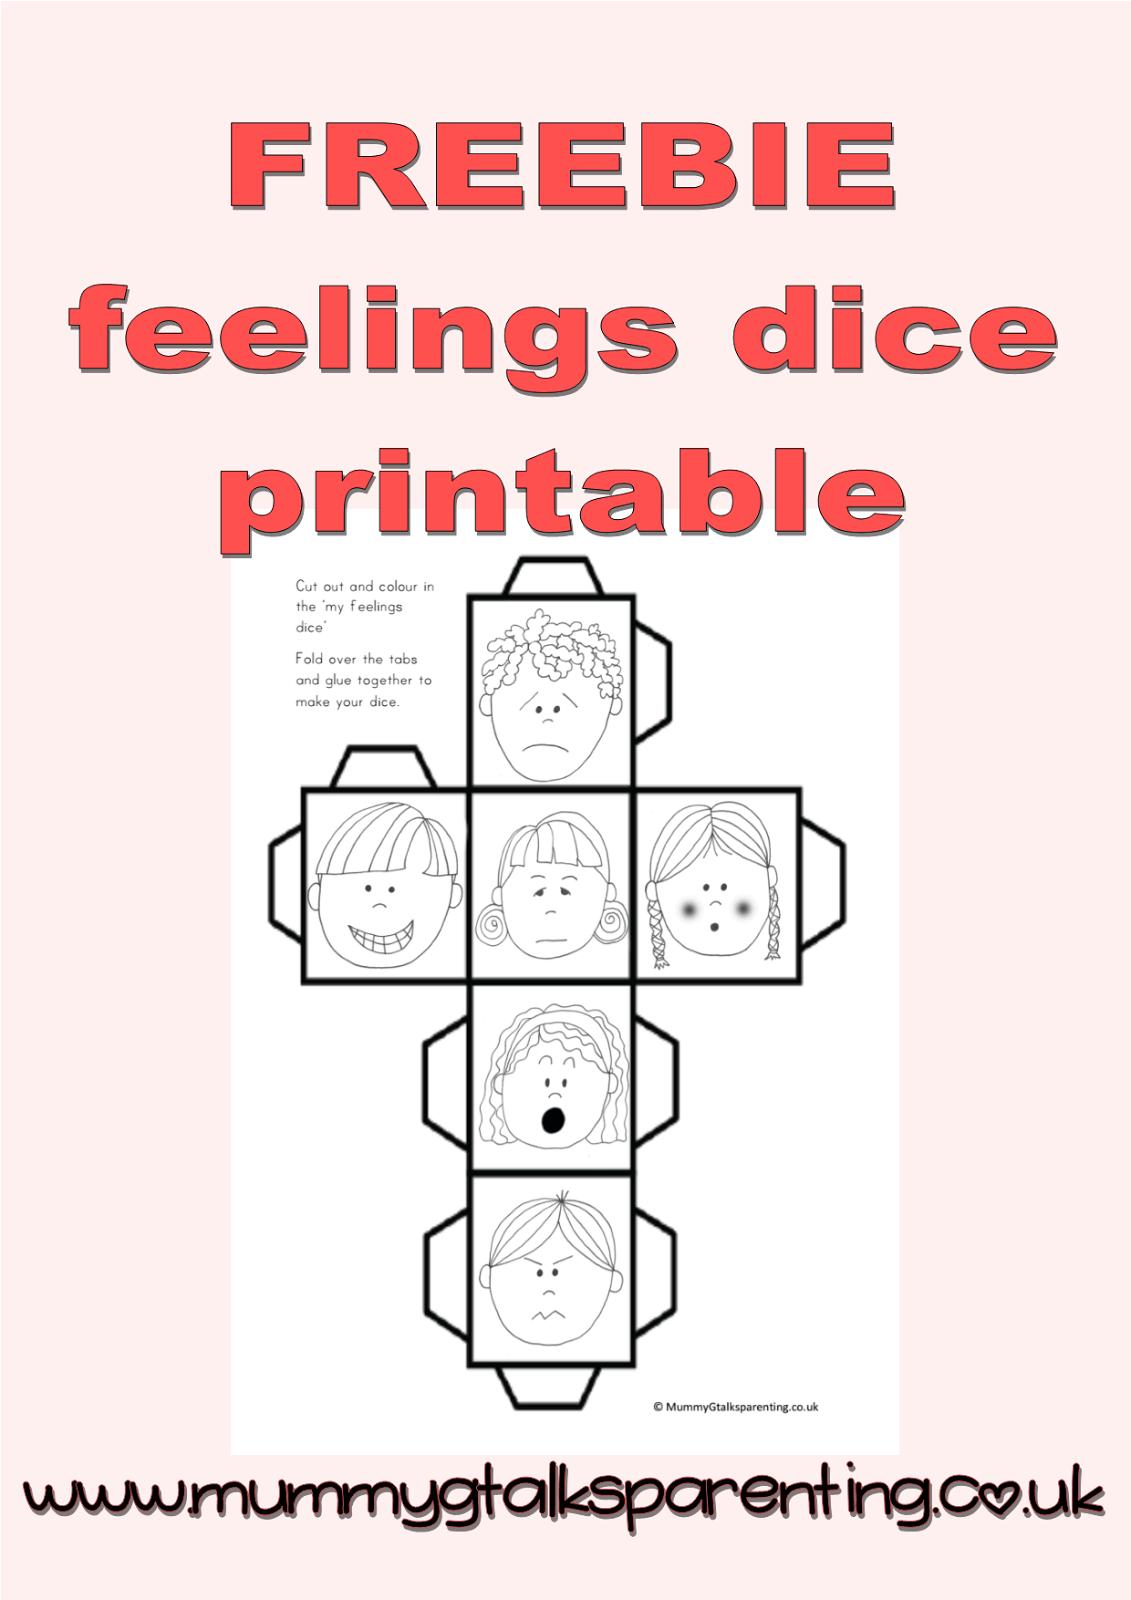 Freebie Feeling Dice Printable. Freebie Preschool Printables. Fun - Free Printable Childminding Resources